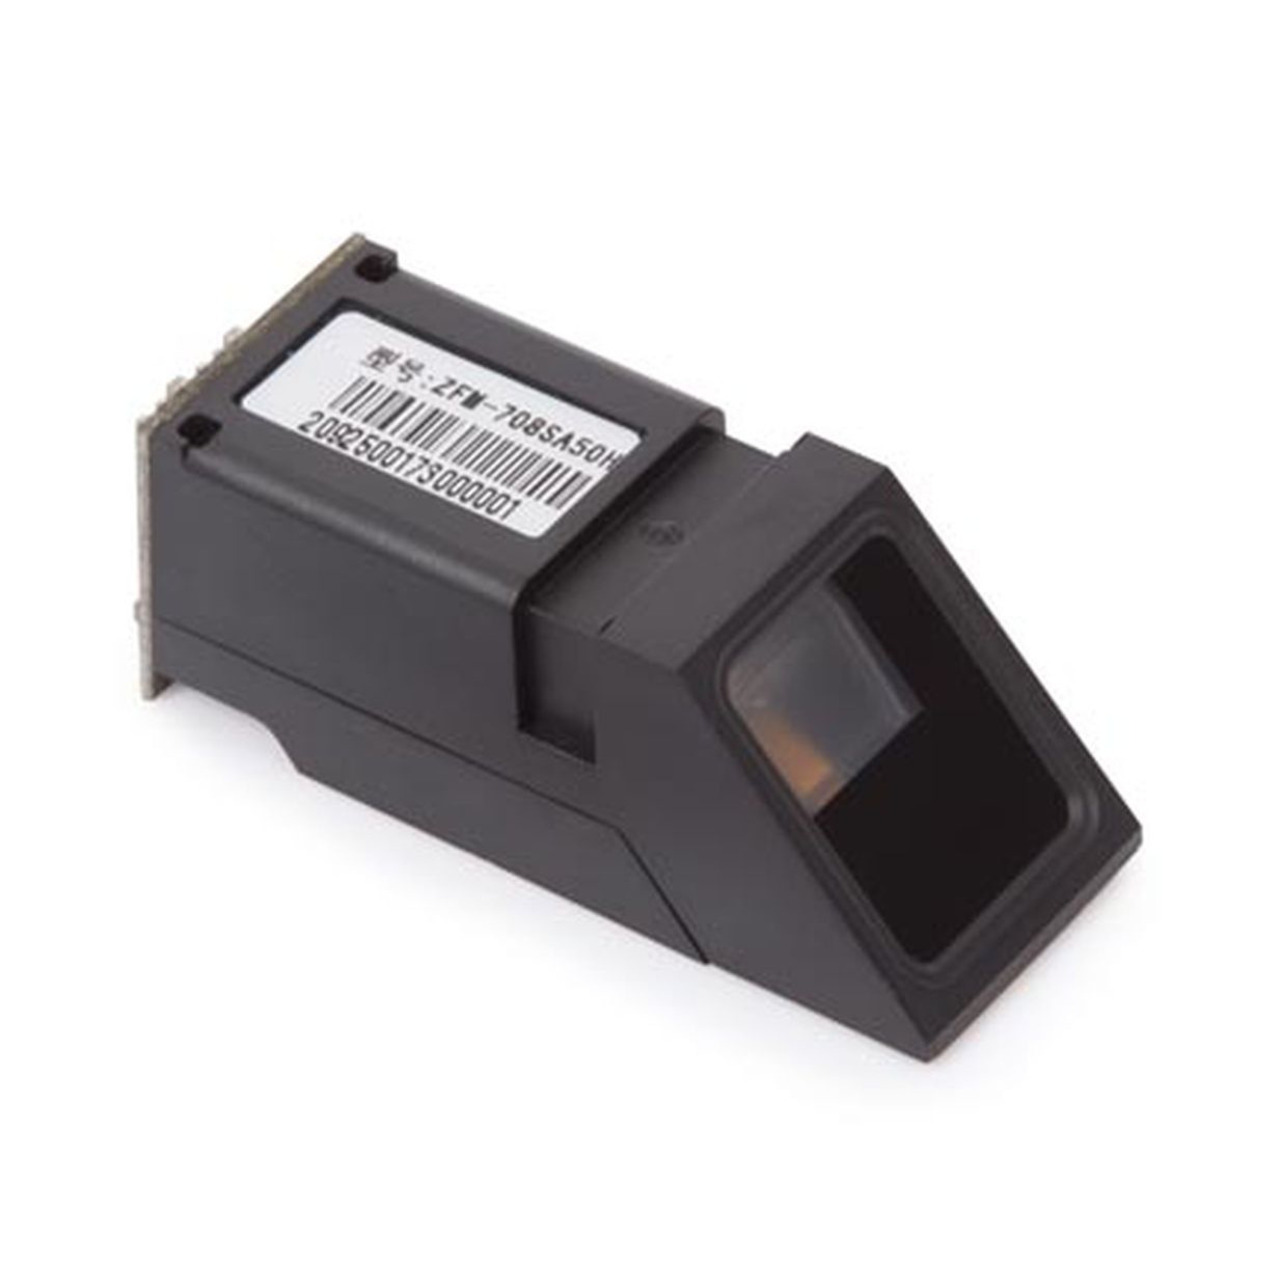 Fingerabdrucksensor ZFM-708 fund-252 r Arduino